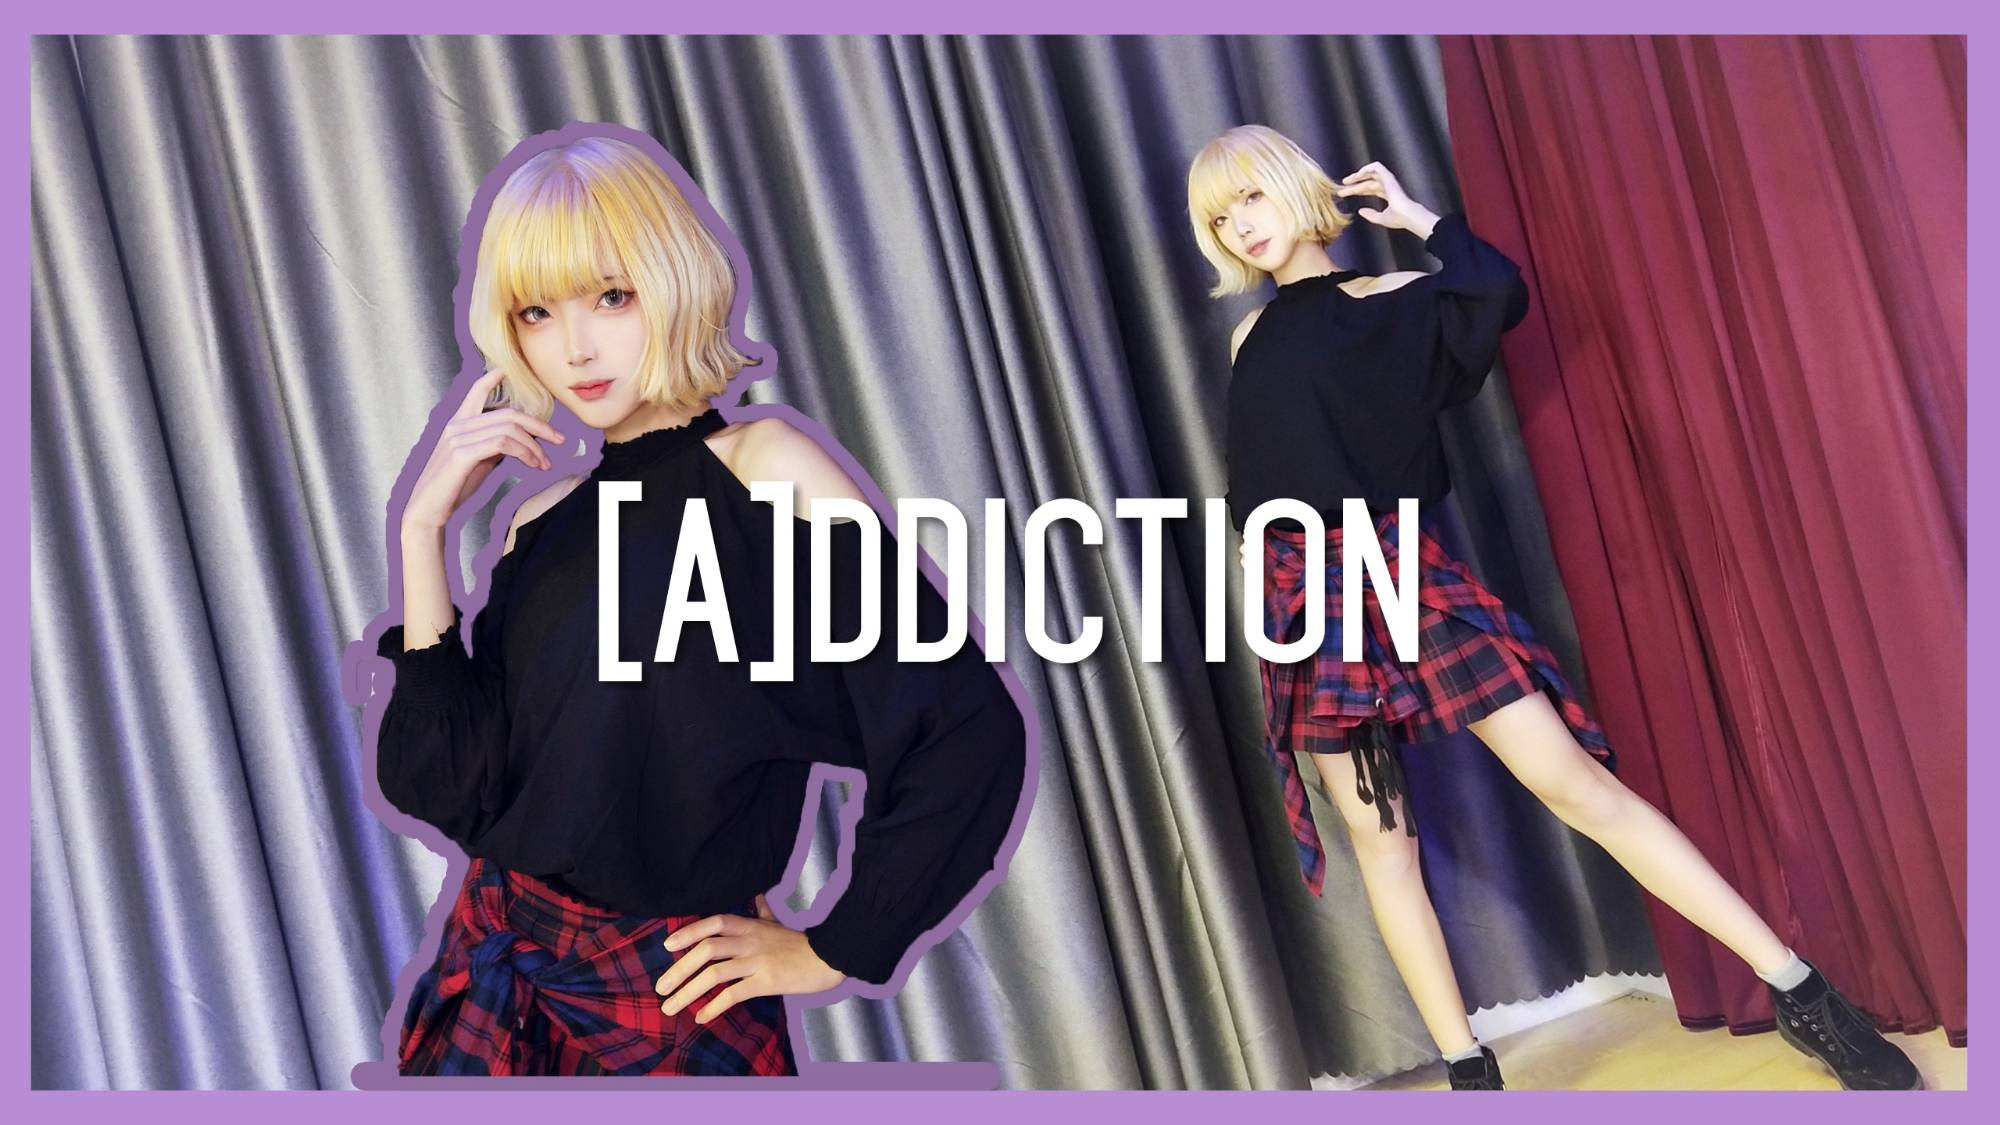 【次米】[A]ddiction-你有没有喜欢上我-